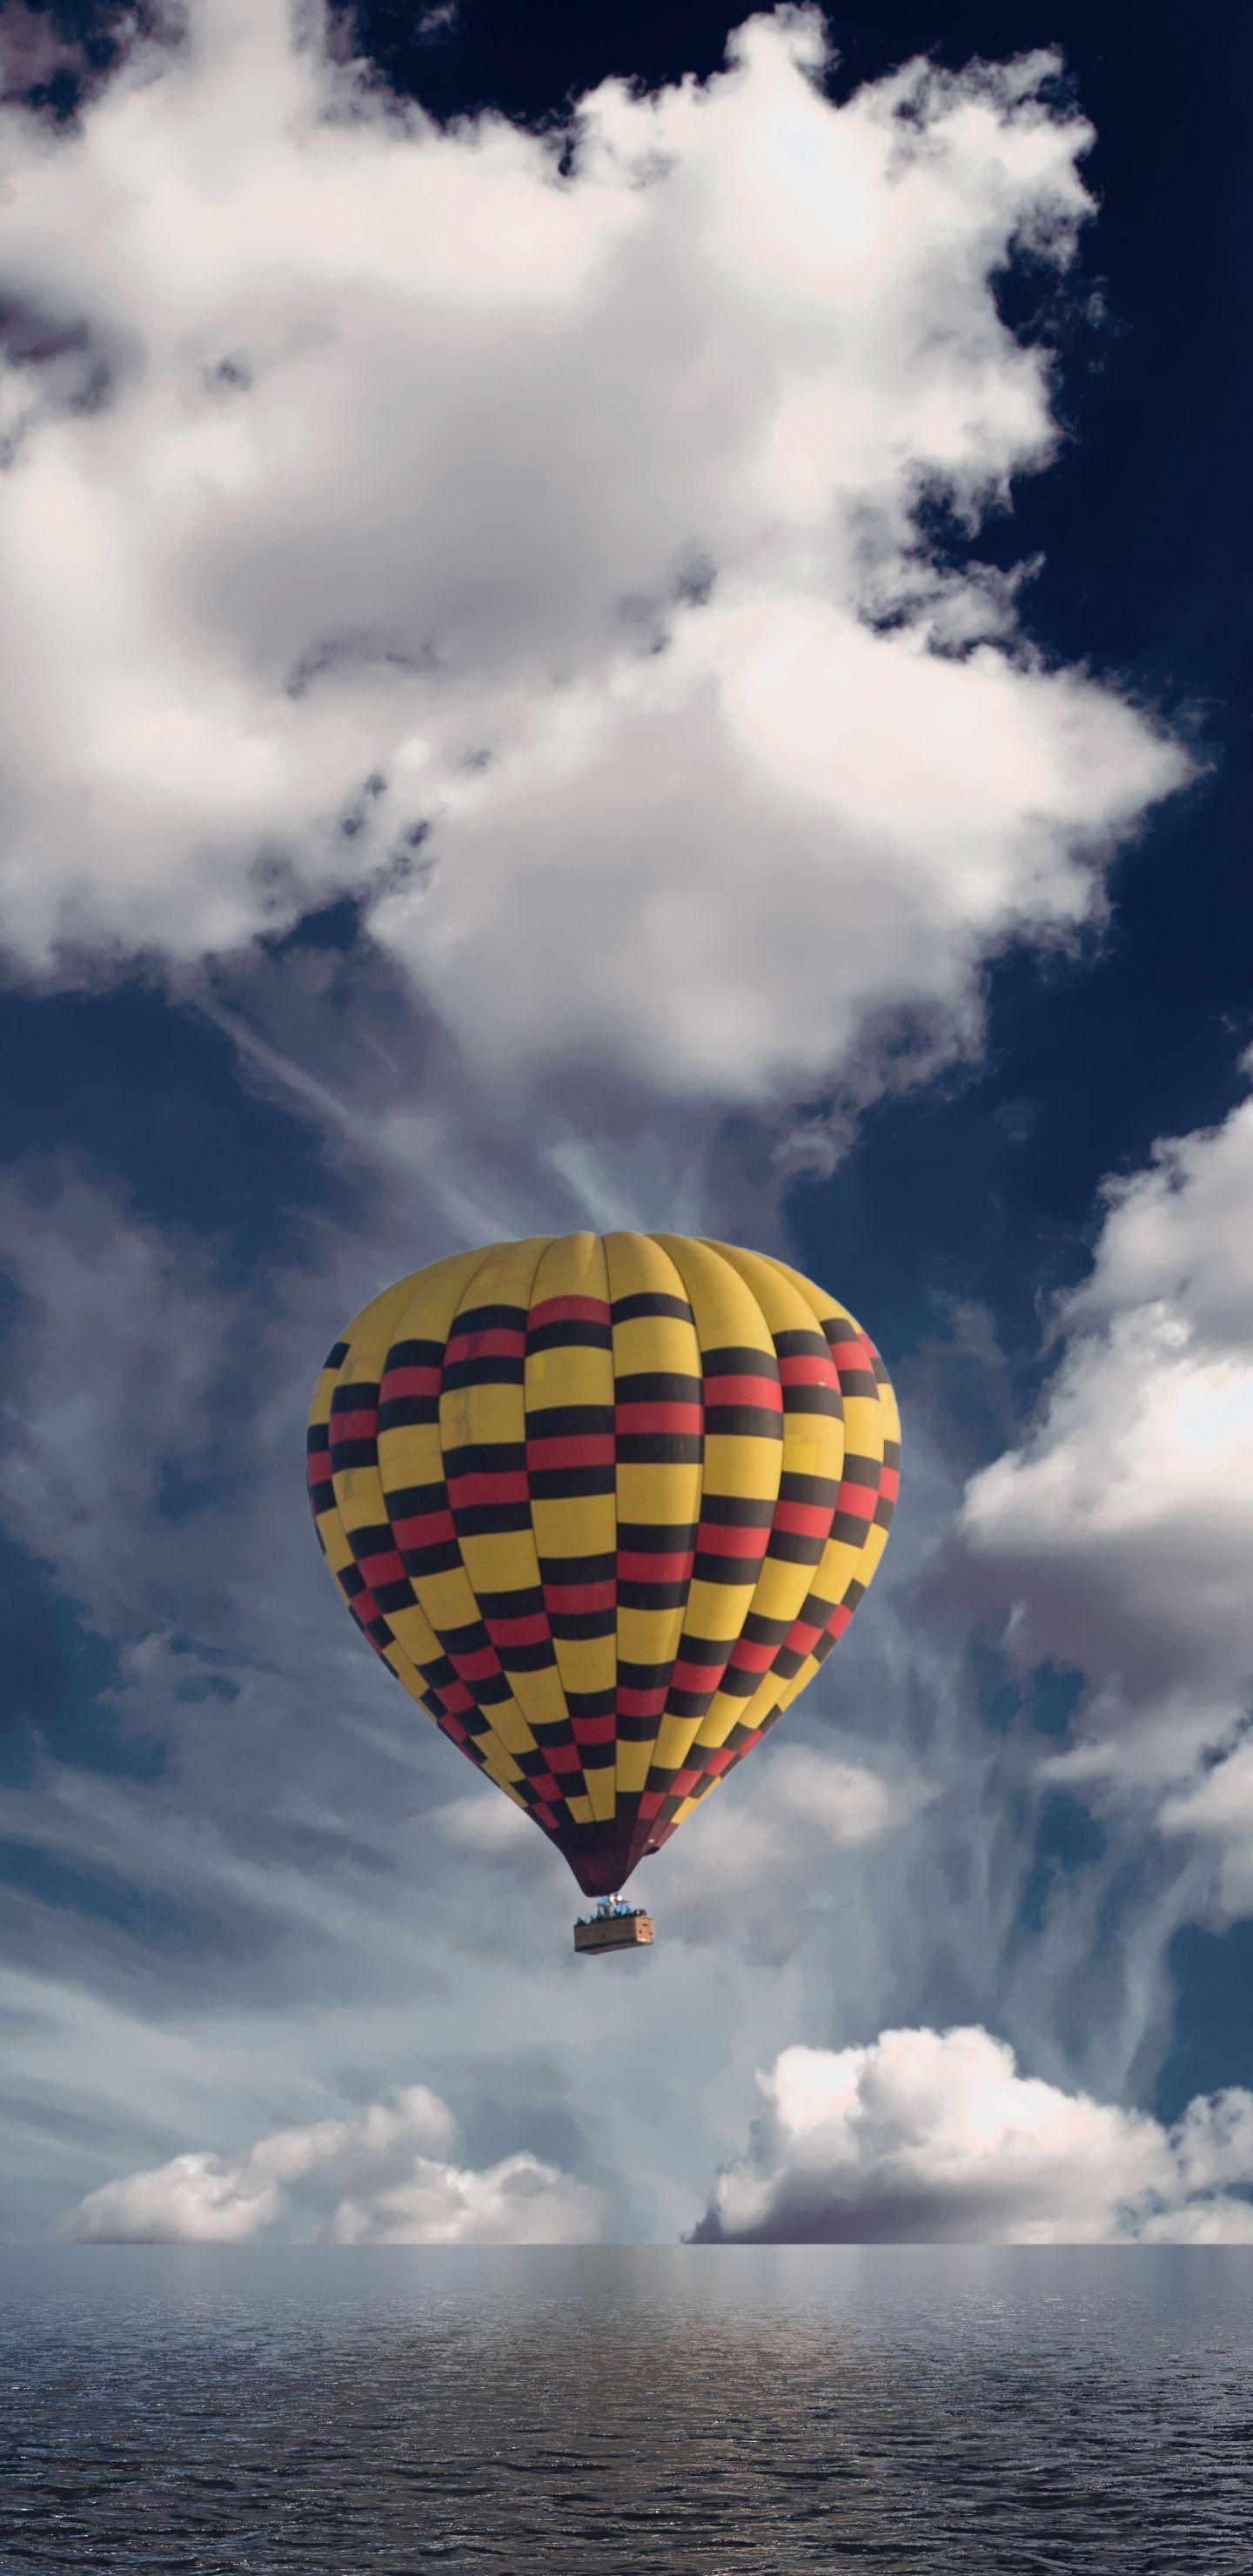 Hot air balloon, sky, clouds, 1440x2960